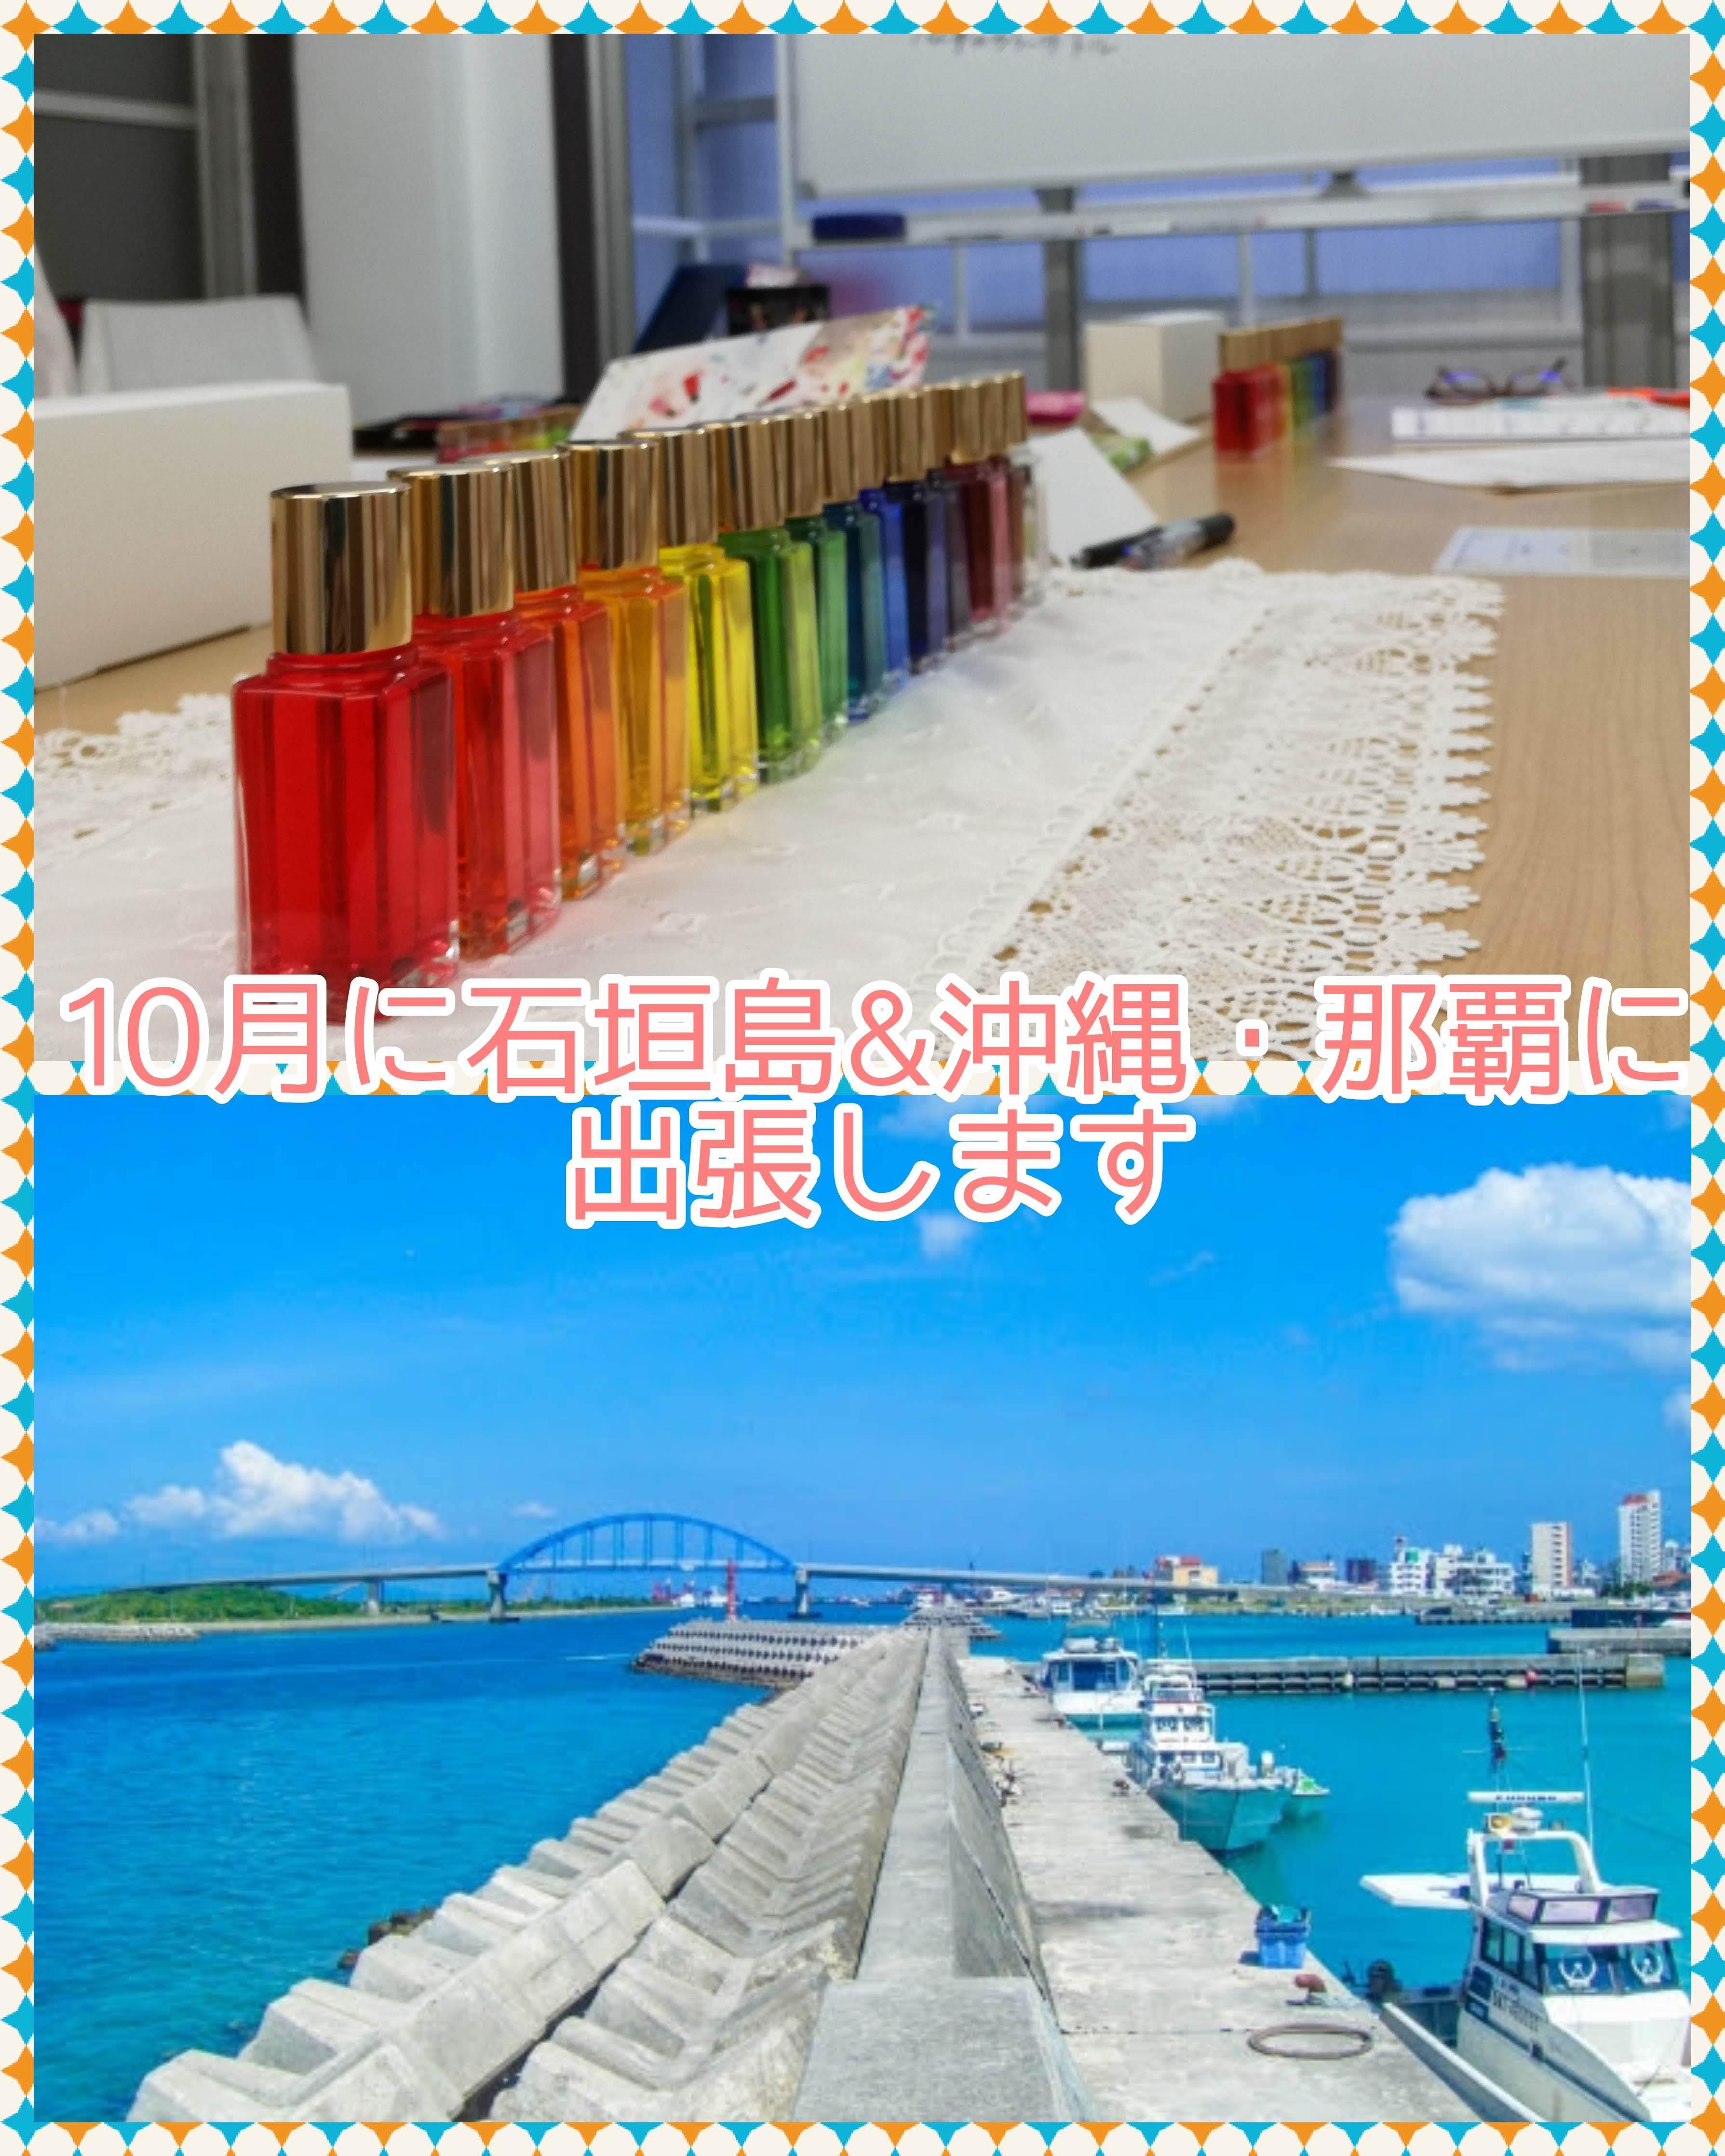 201910石垣島出張